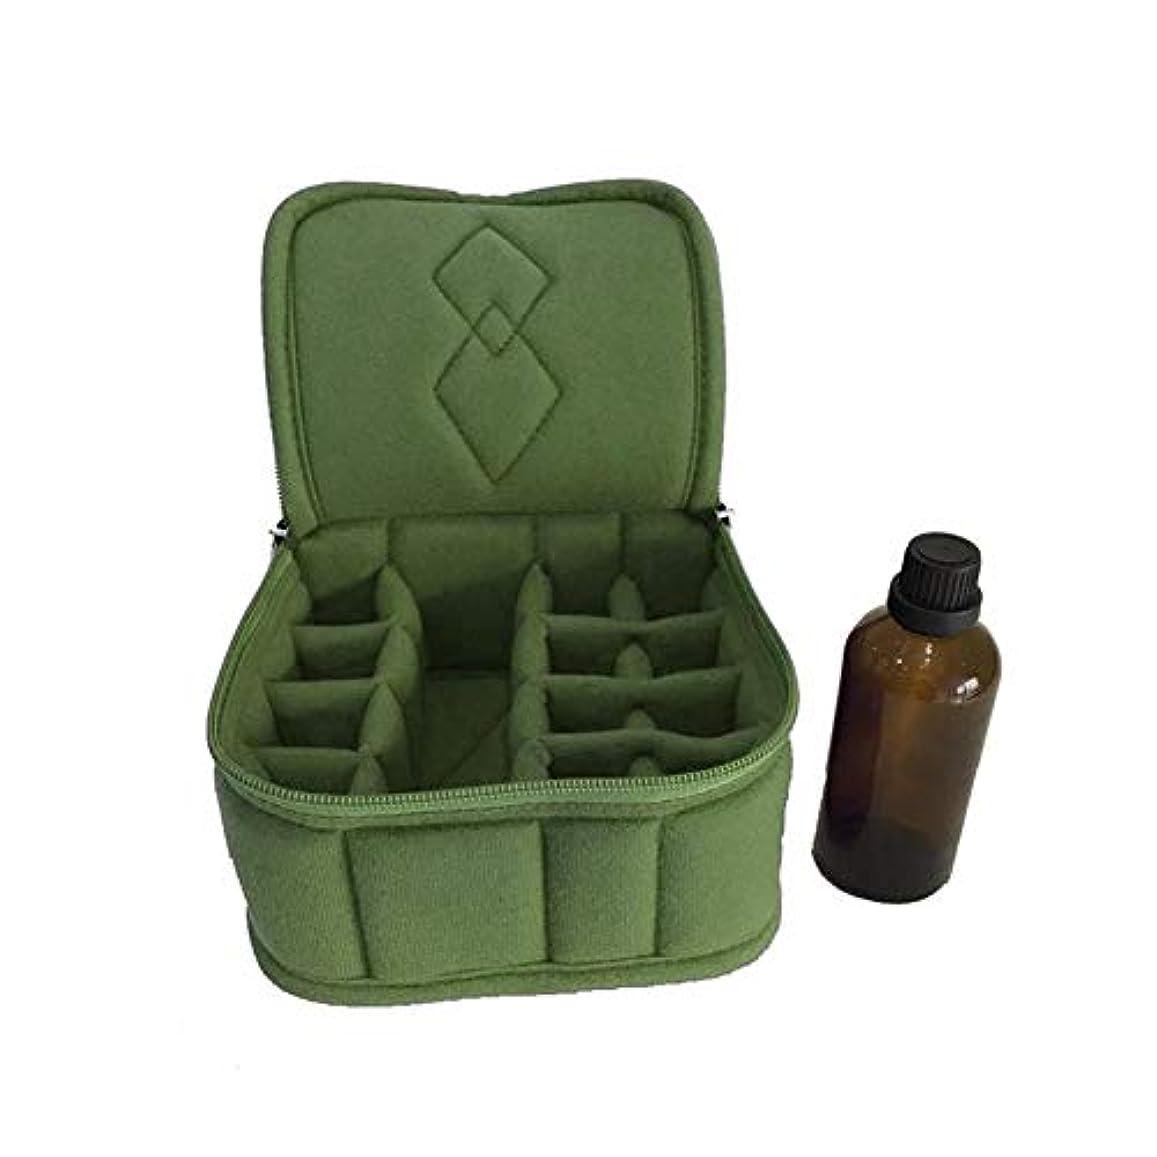 ぐったりミュウミュウ命令的Pursue エッセンシャルオイル収納ケース アロマオイル収納ボックス アロマポーチ収納ケース 耐震 携帯便利 香水収納ポーチ 化粧ポーチ 12+1本用